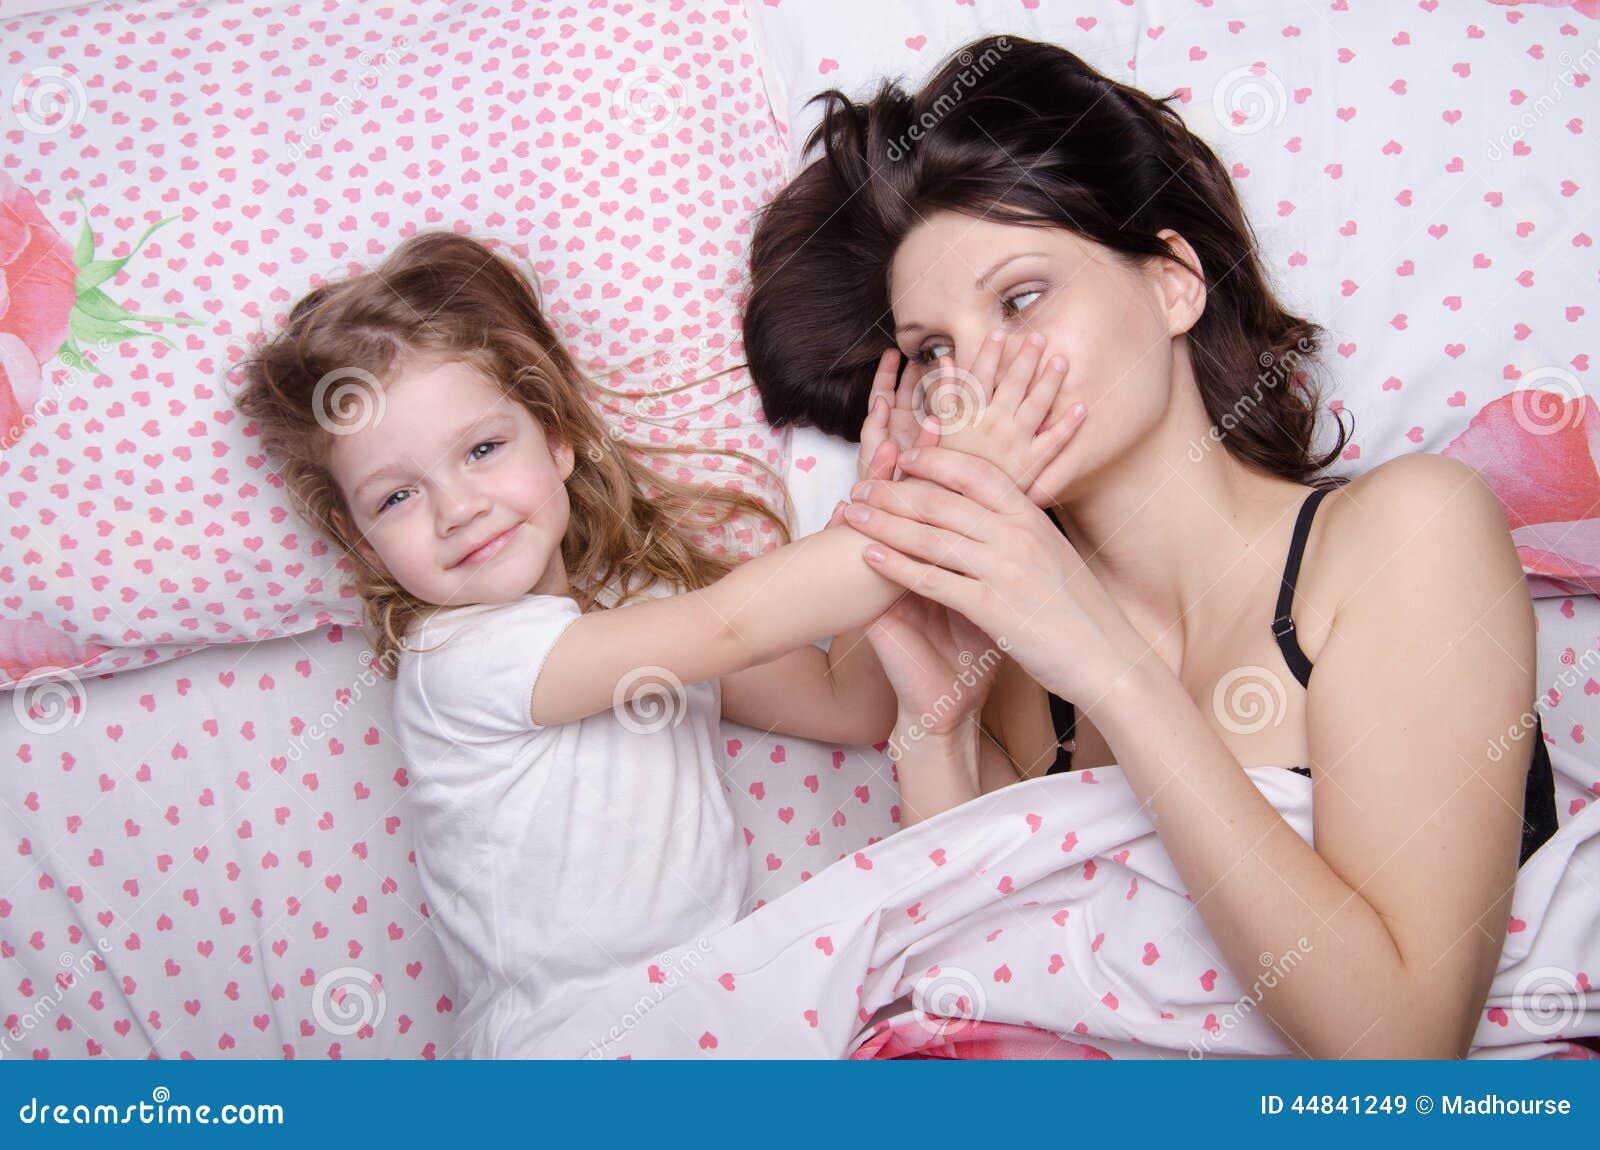 Трахнул свою дочь и мать, Секс с дочерью » Порно мамочки онлайн Full HD 23 фотография